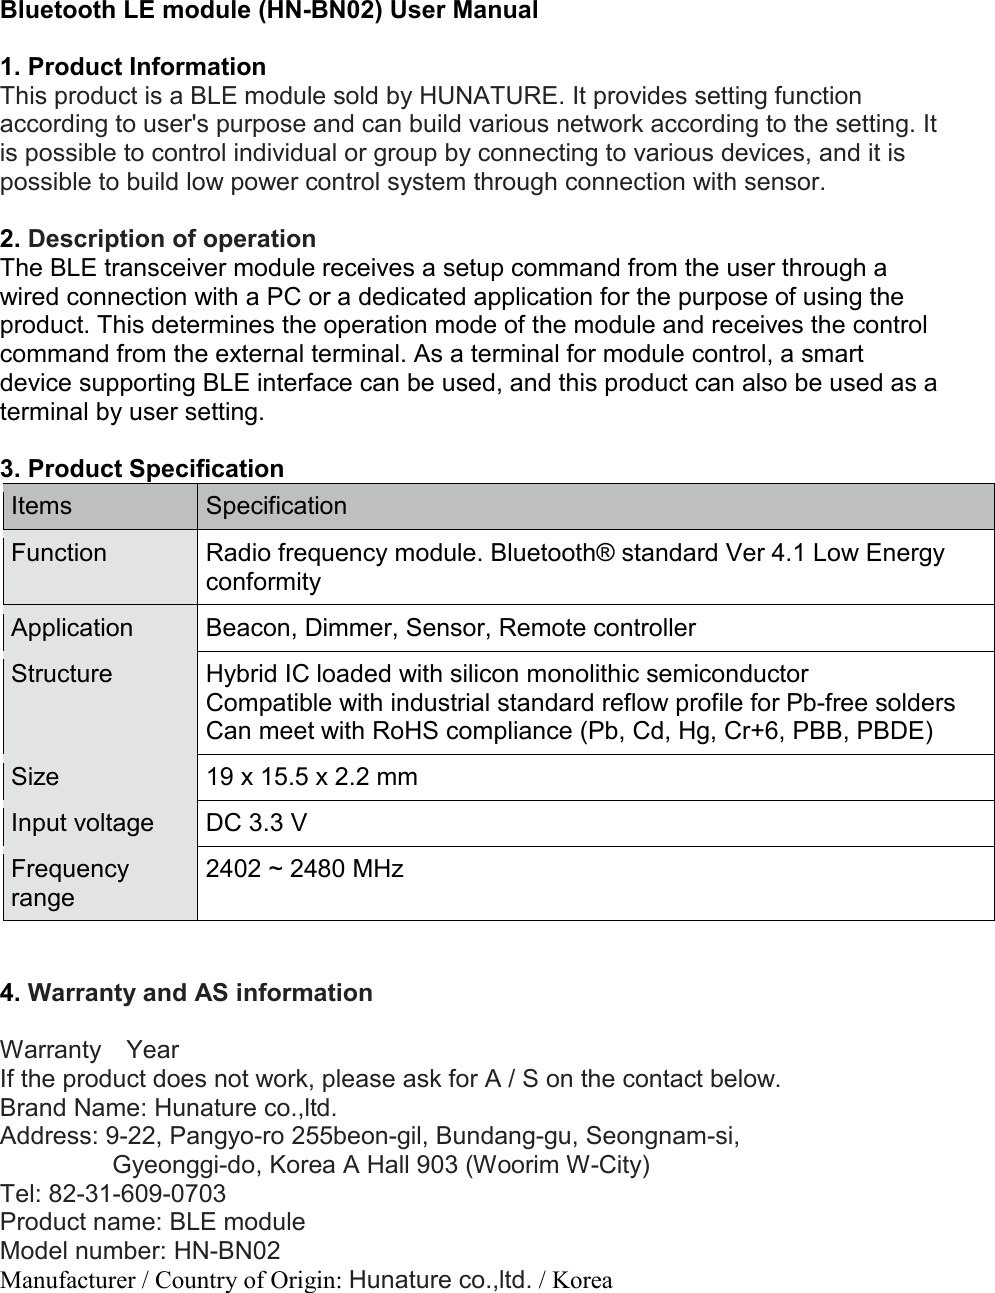 Hunature HN-BN02 BLE Module User Manual Rev2 HN BN02 Manual